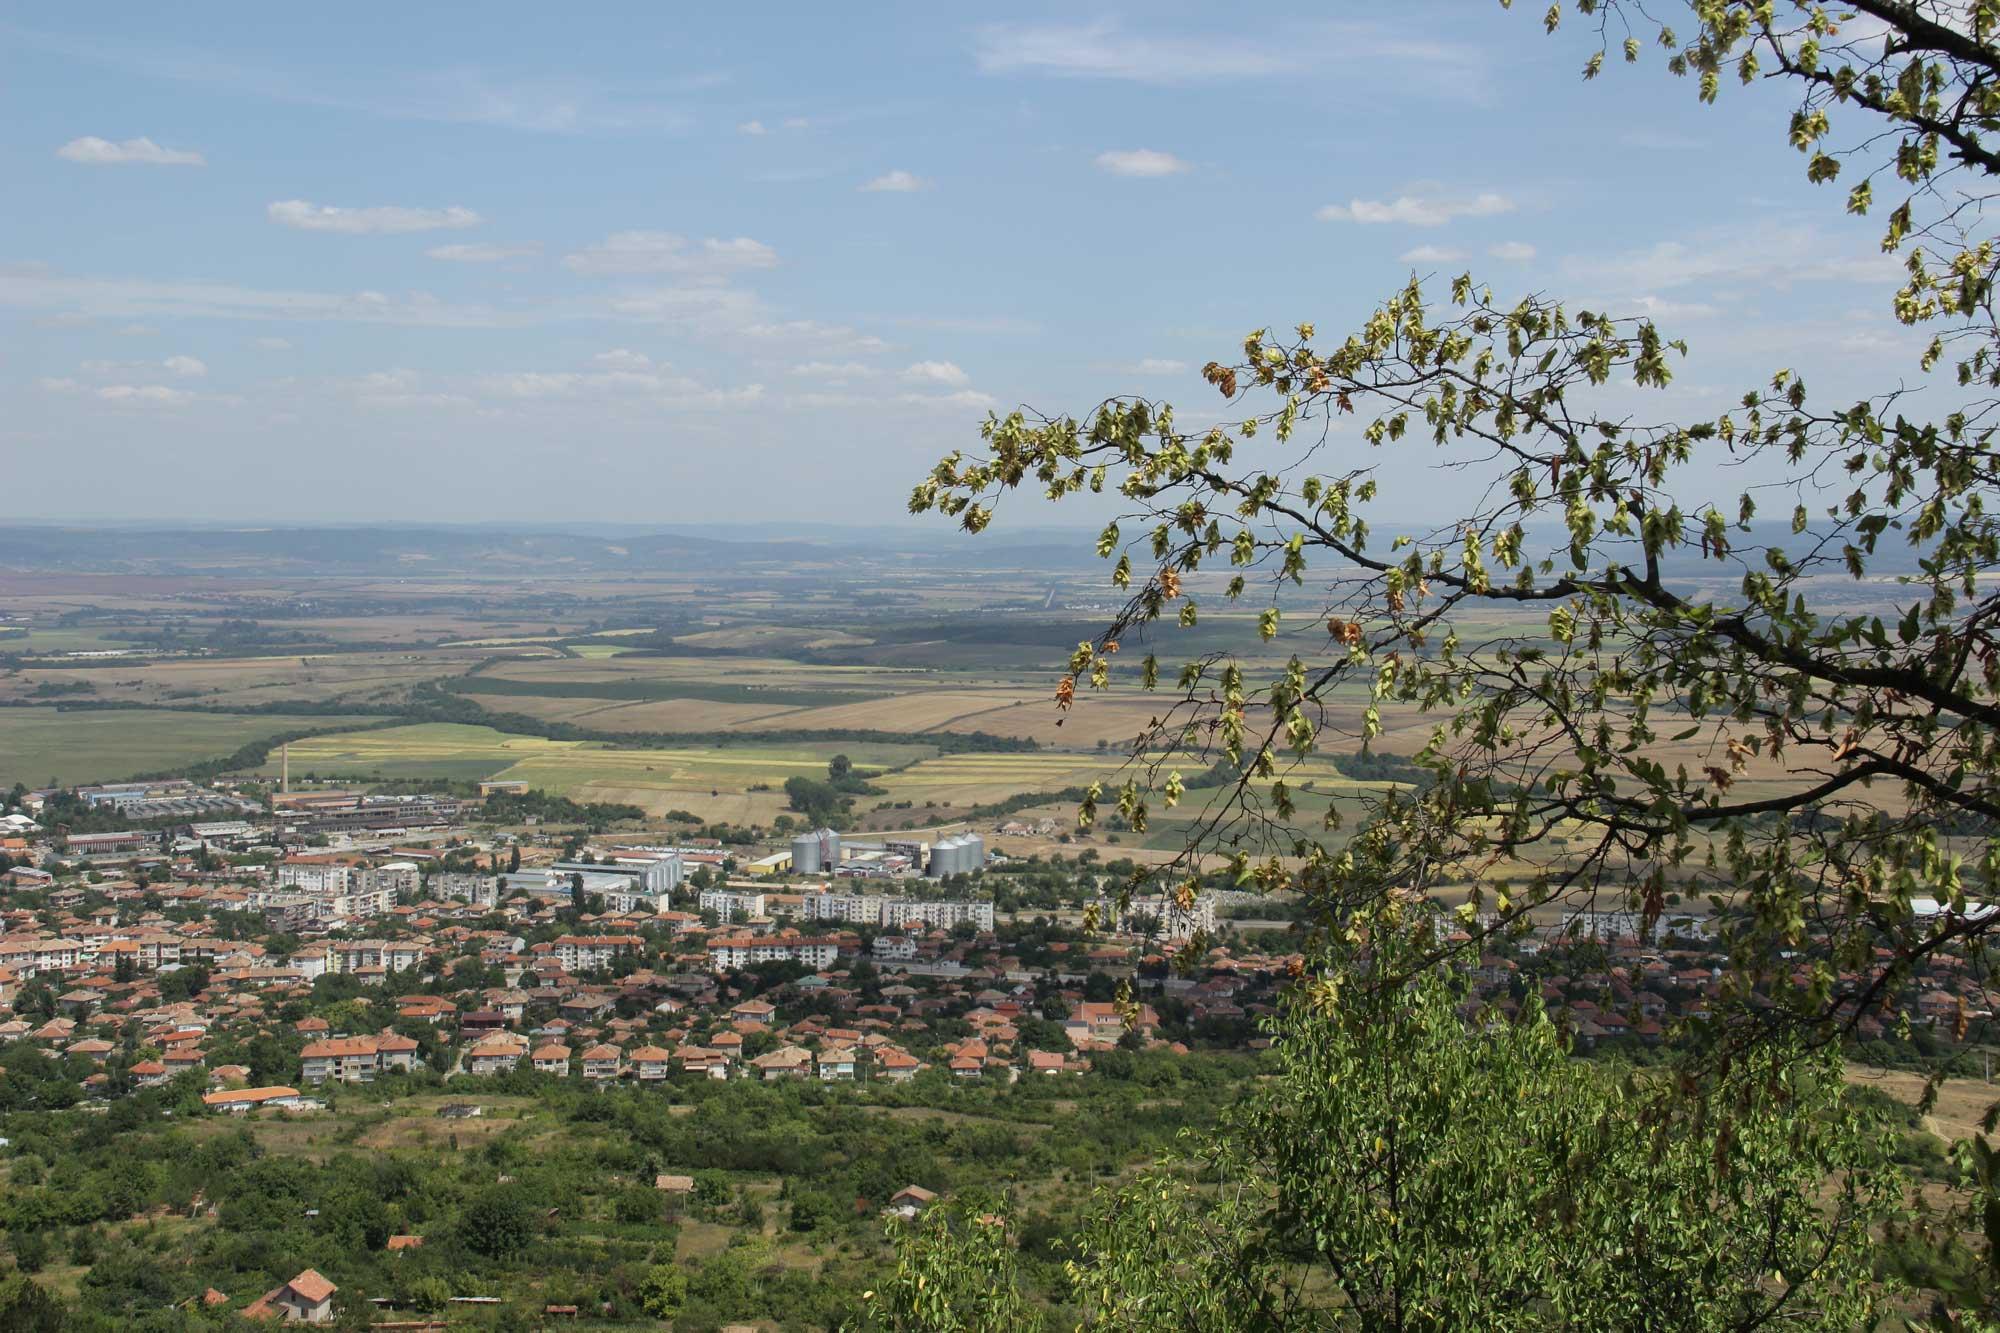 большая высота и вид на болгарские равнины и города